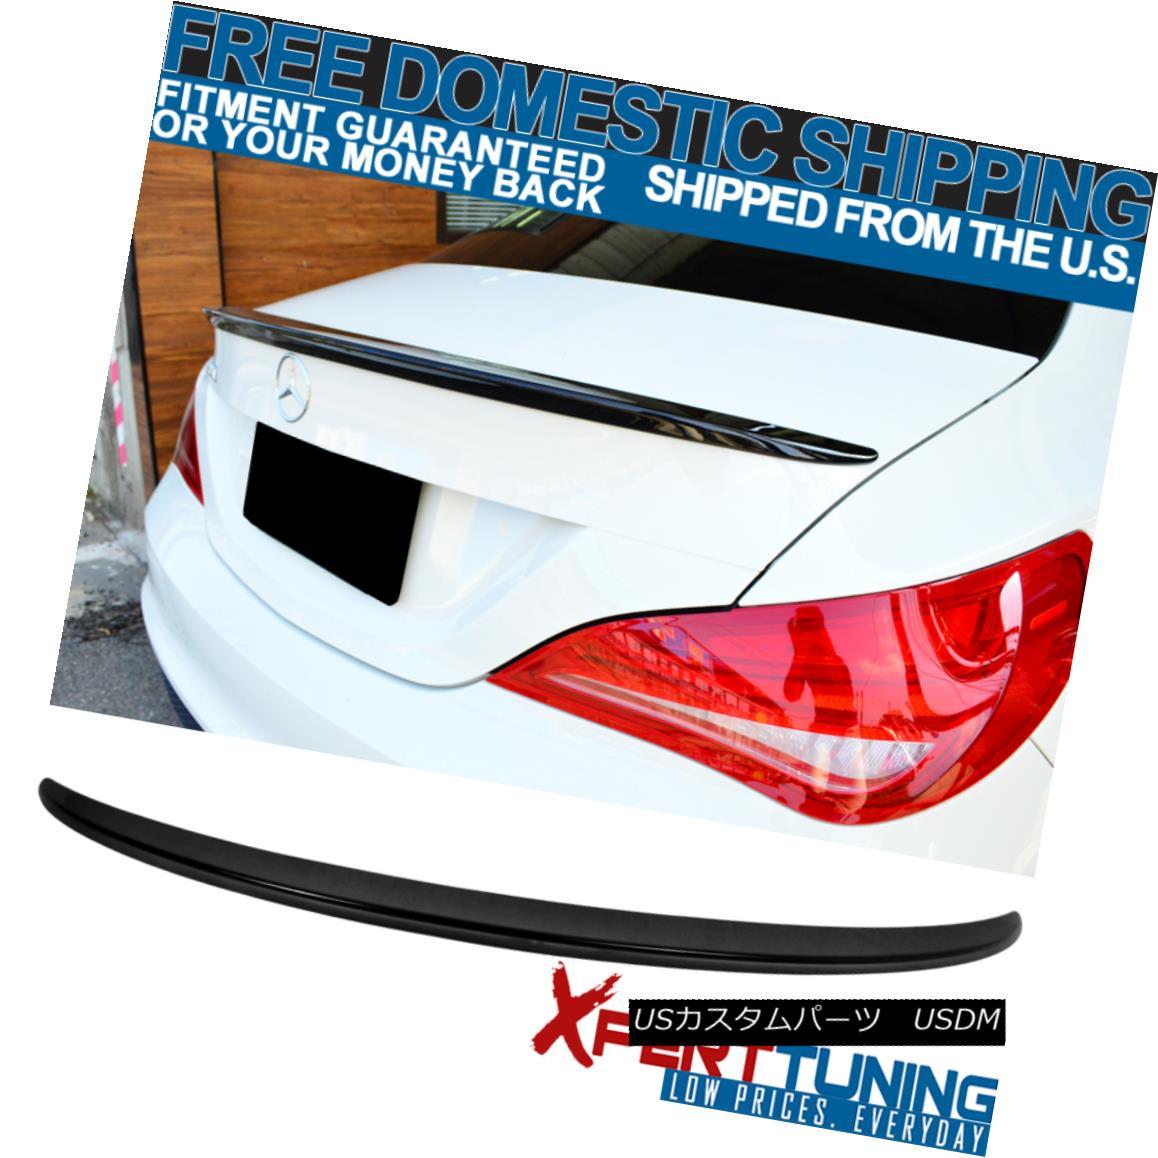 エアロパーツ 14-18 Benz CLA W117 ABS Trunk Spoiler Painted # 197 Obsidian Black Metallic 14-18 Benz CLA W117 ABSトランク・スポイラー・ペイント#197 Obsidian Black Metallic